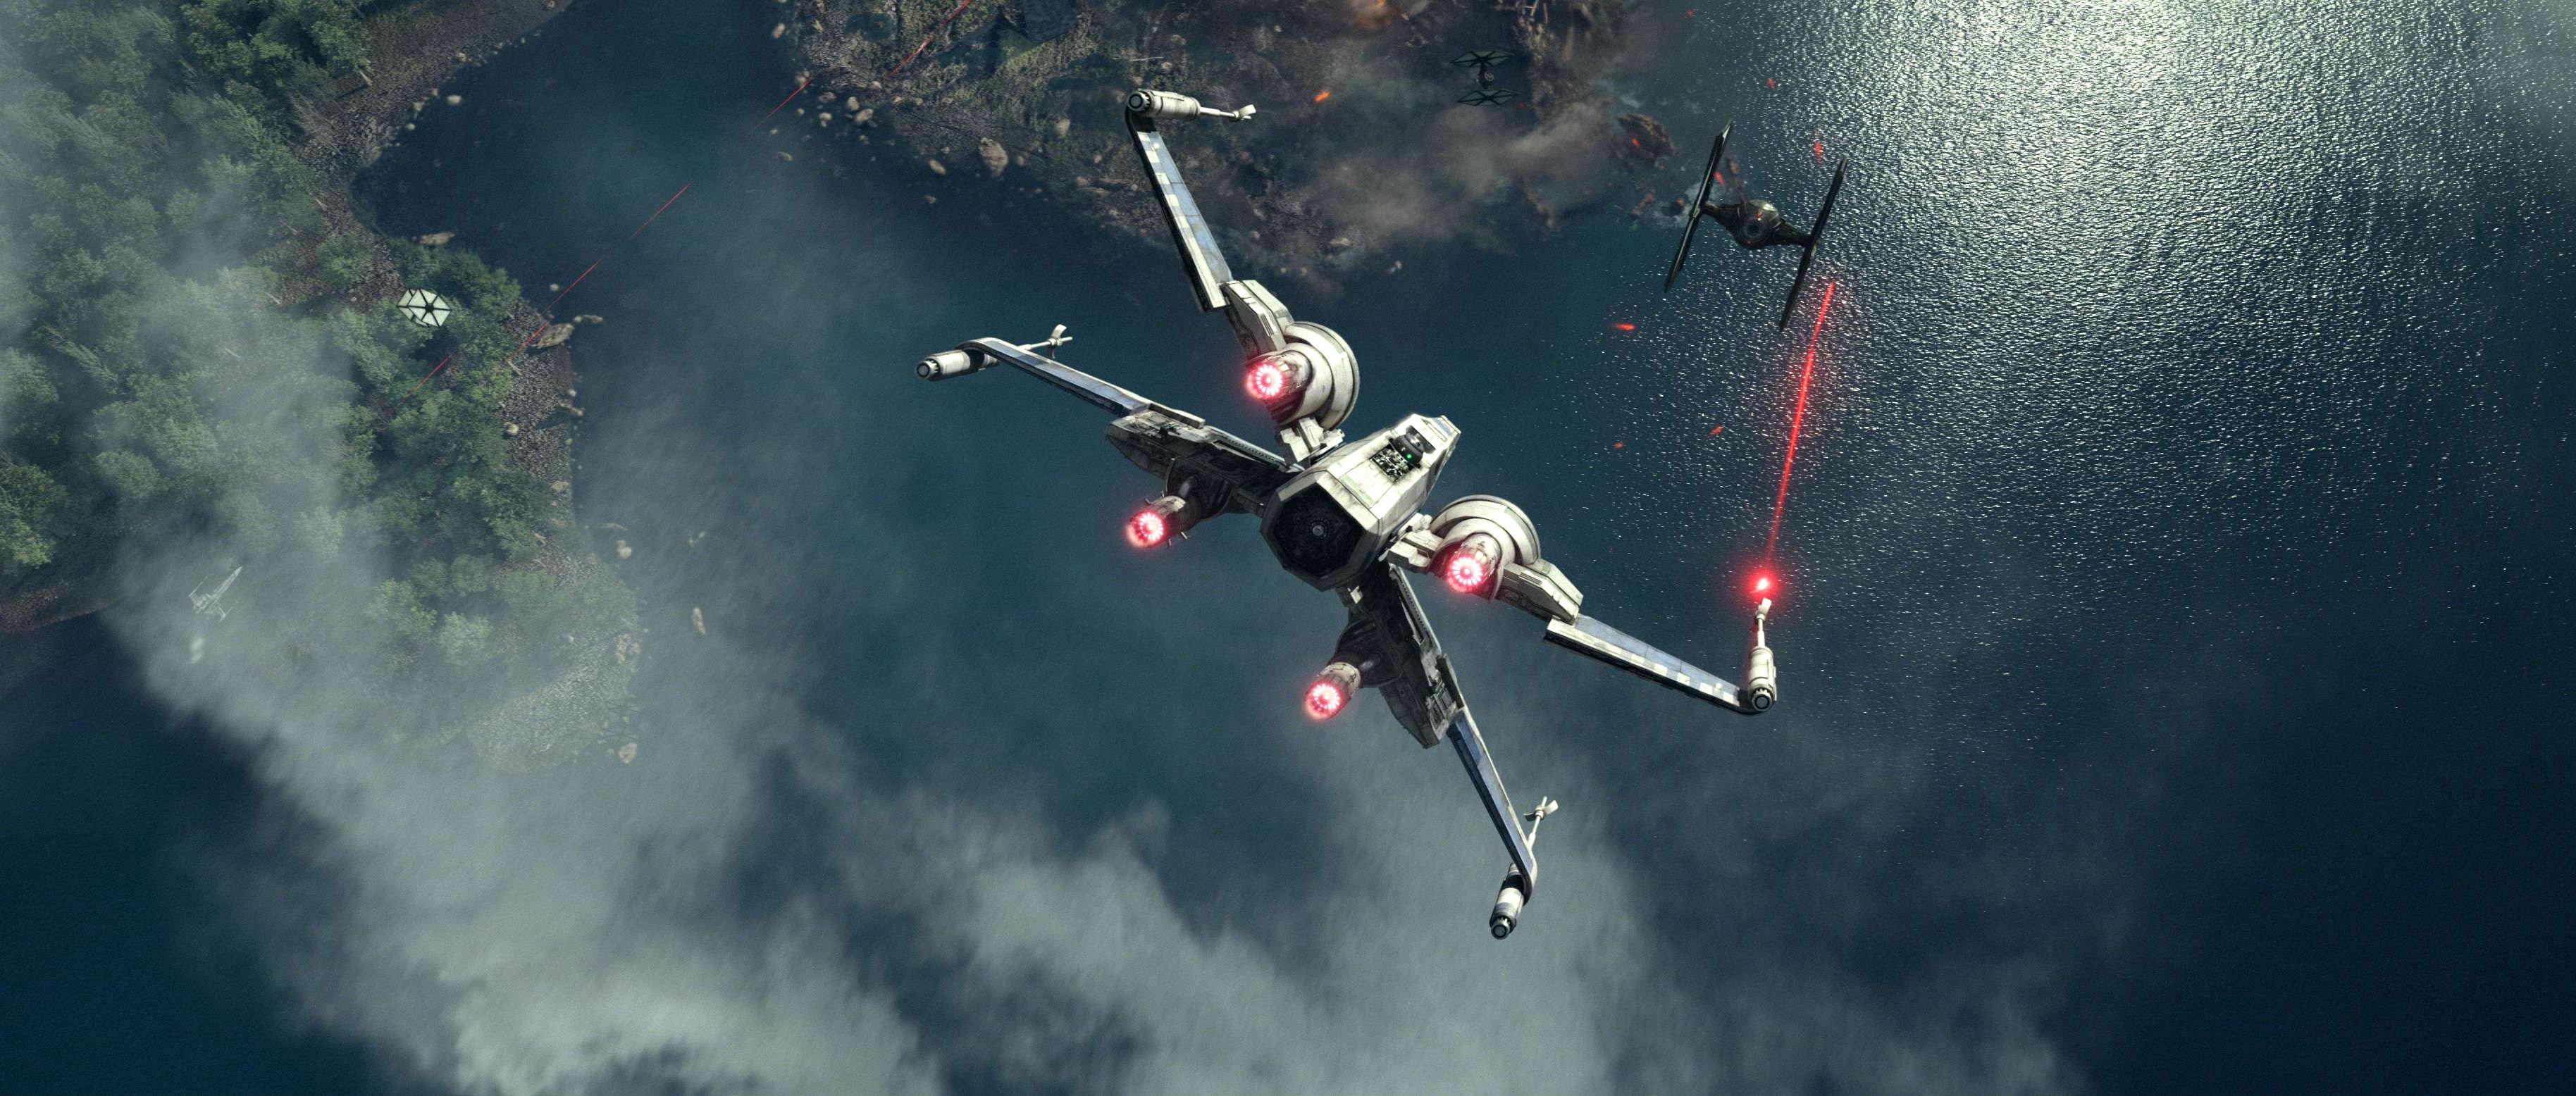 3440x1440 Wallpaper Star Wars: STAR WARS FORCE AWAKENS Sci-fi Futuristic Disney 1star